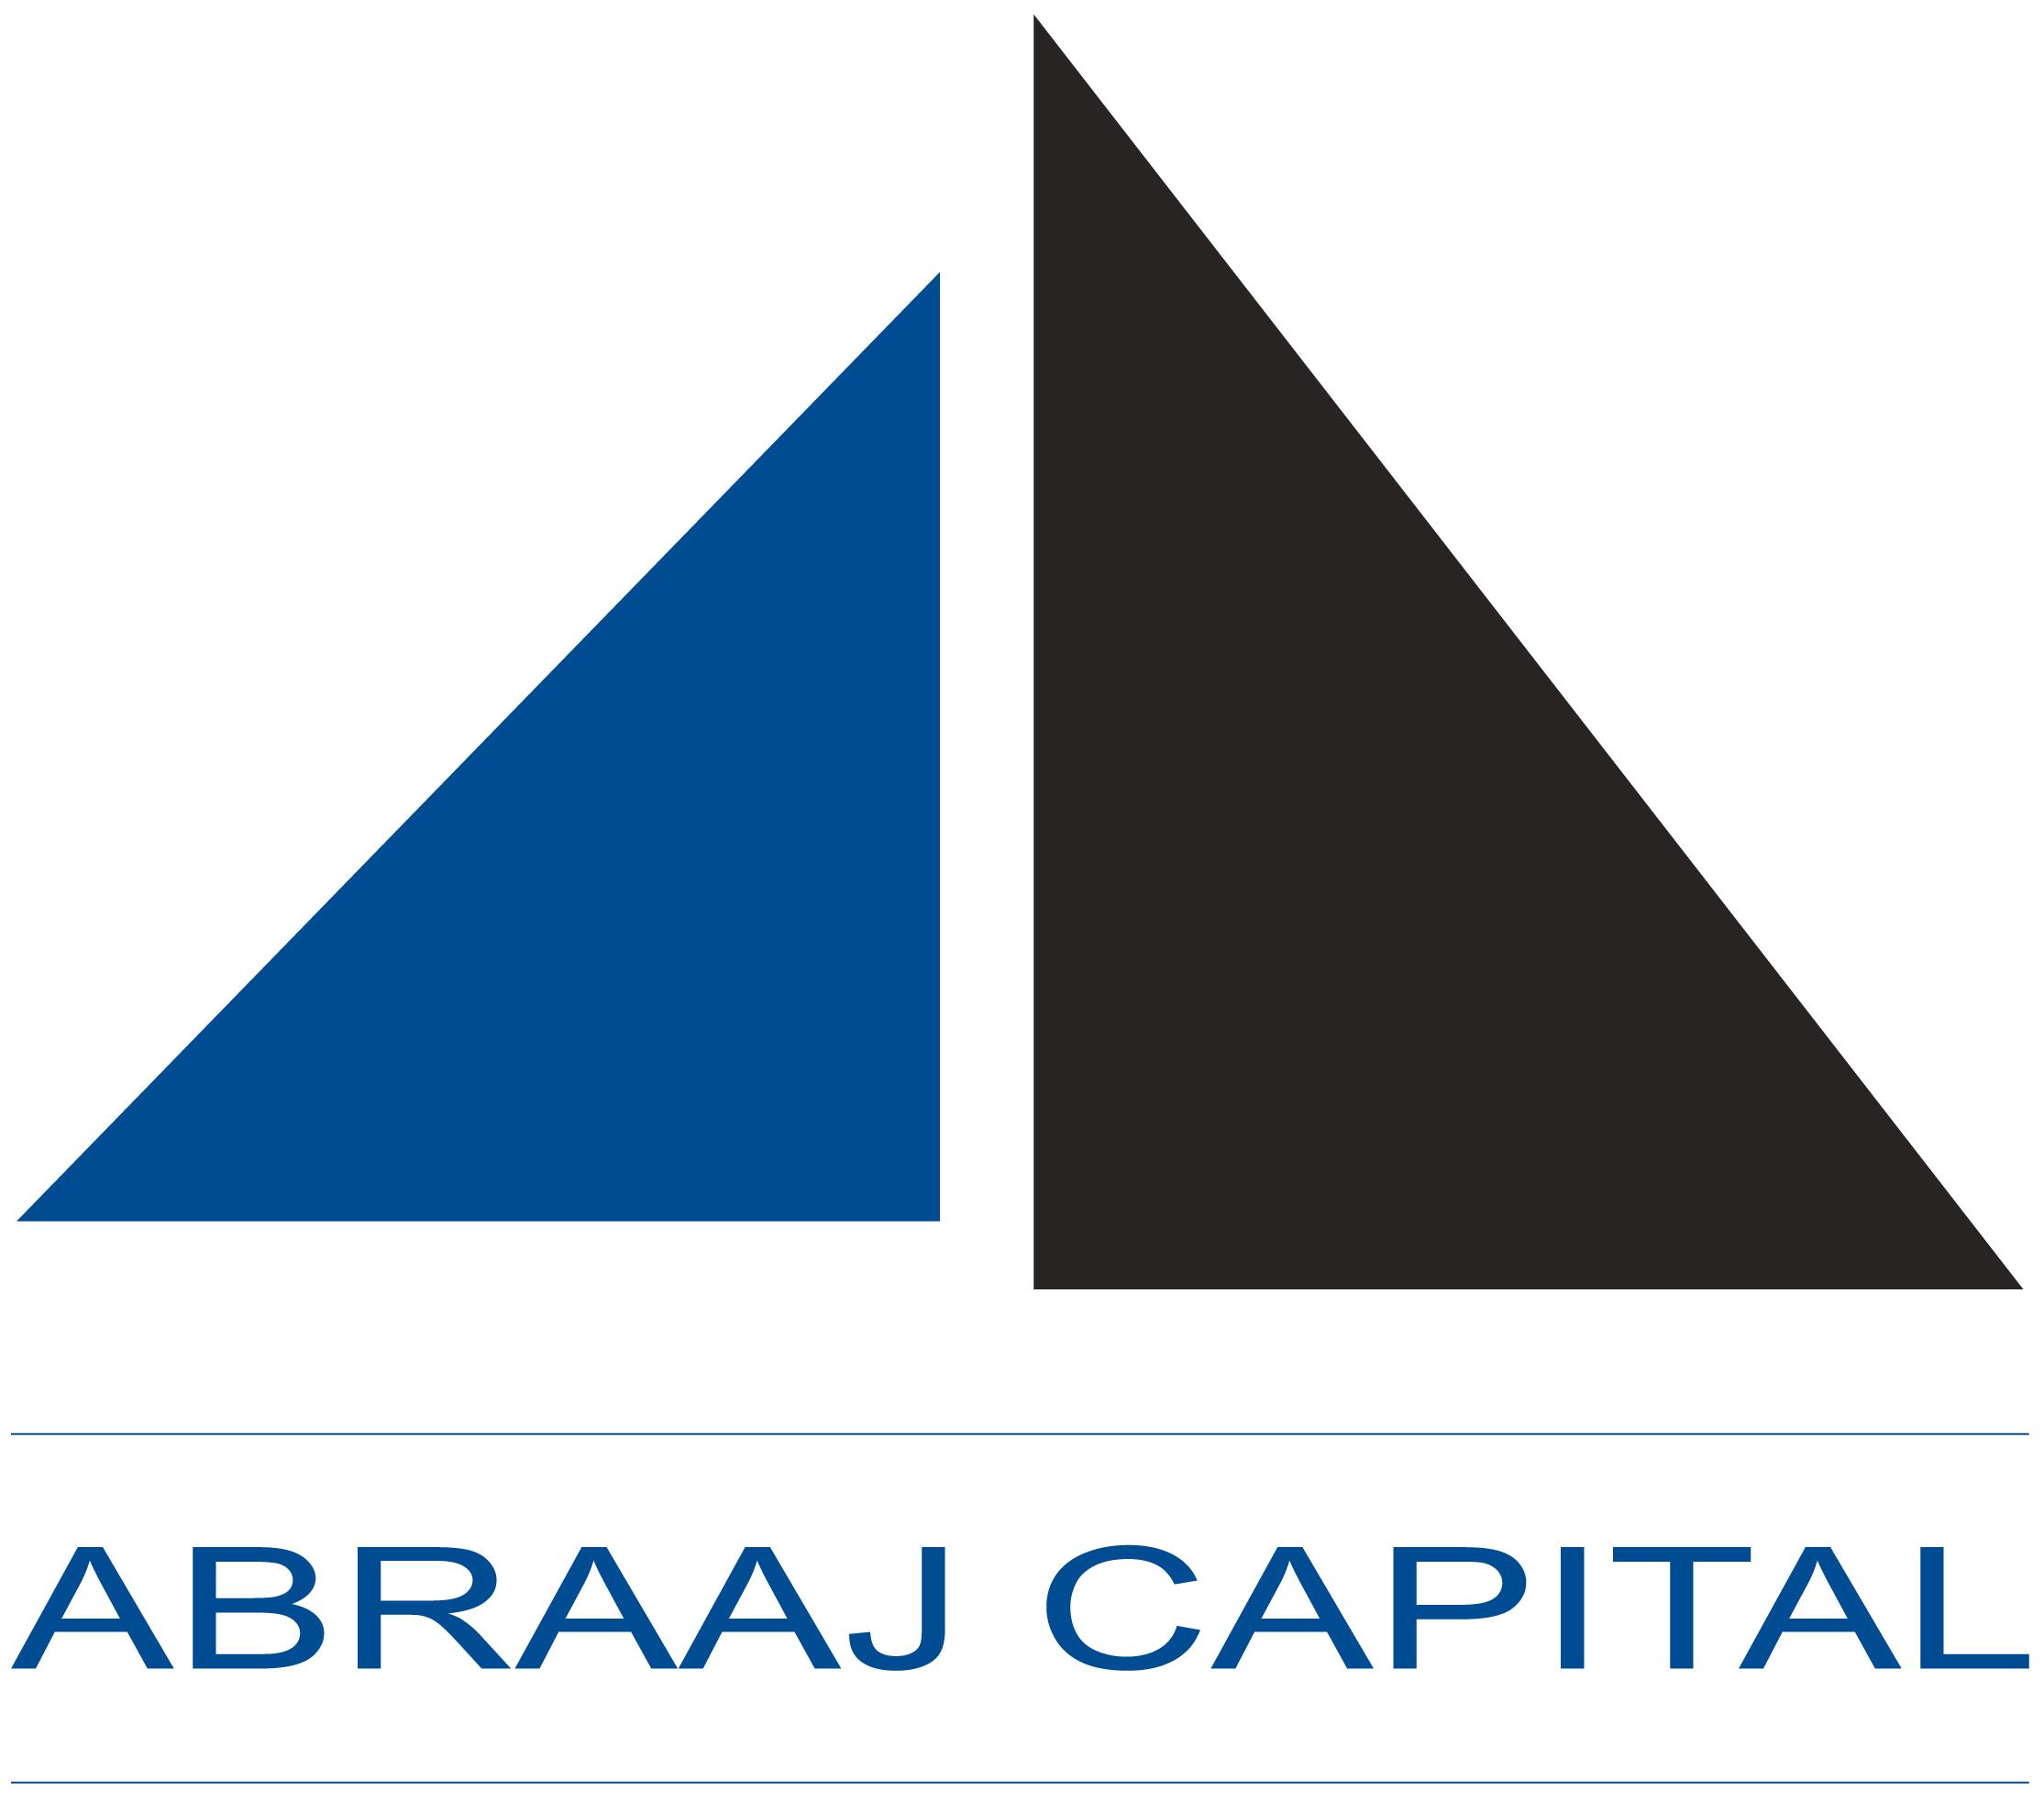 أبراج كابيتال تبيع جزء من أنشطة إدارة الصناديق بعد تزايد مخاطر الإفلاس